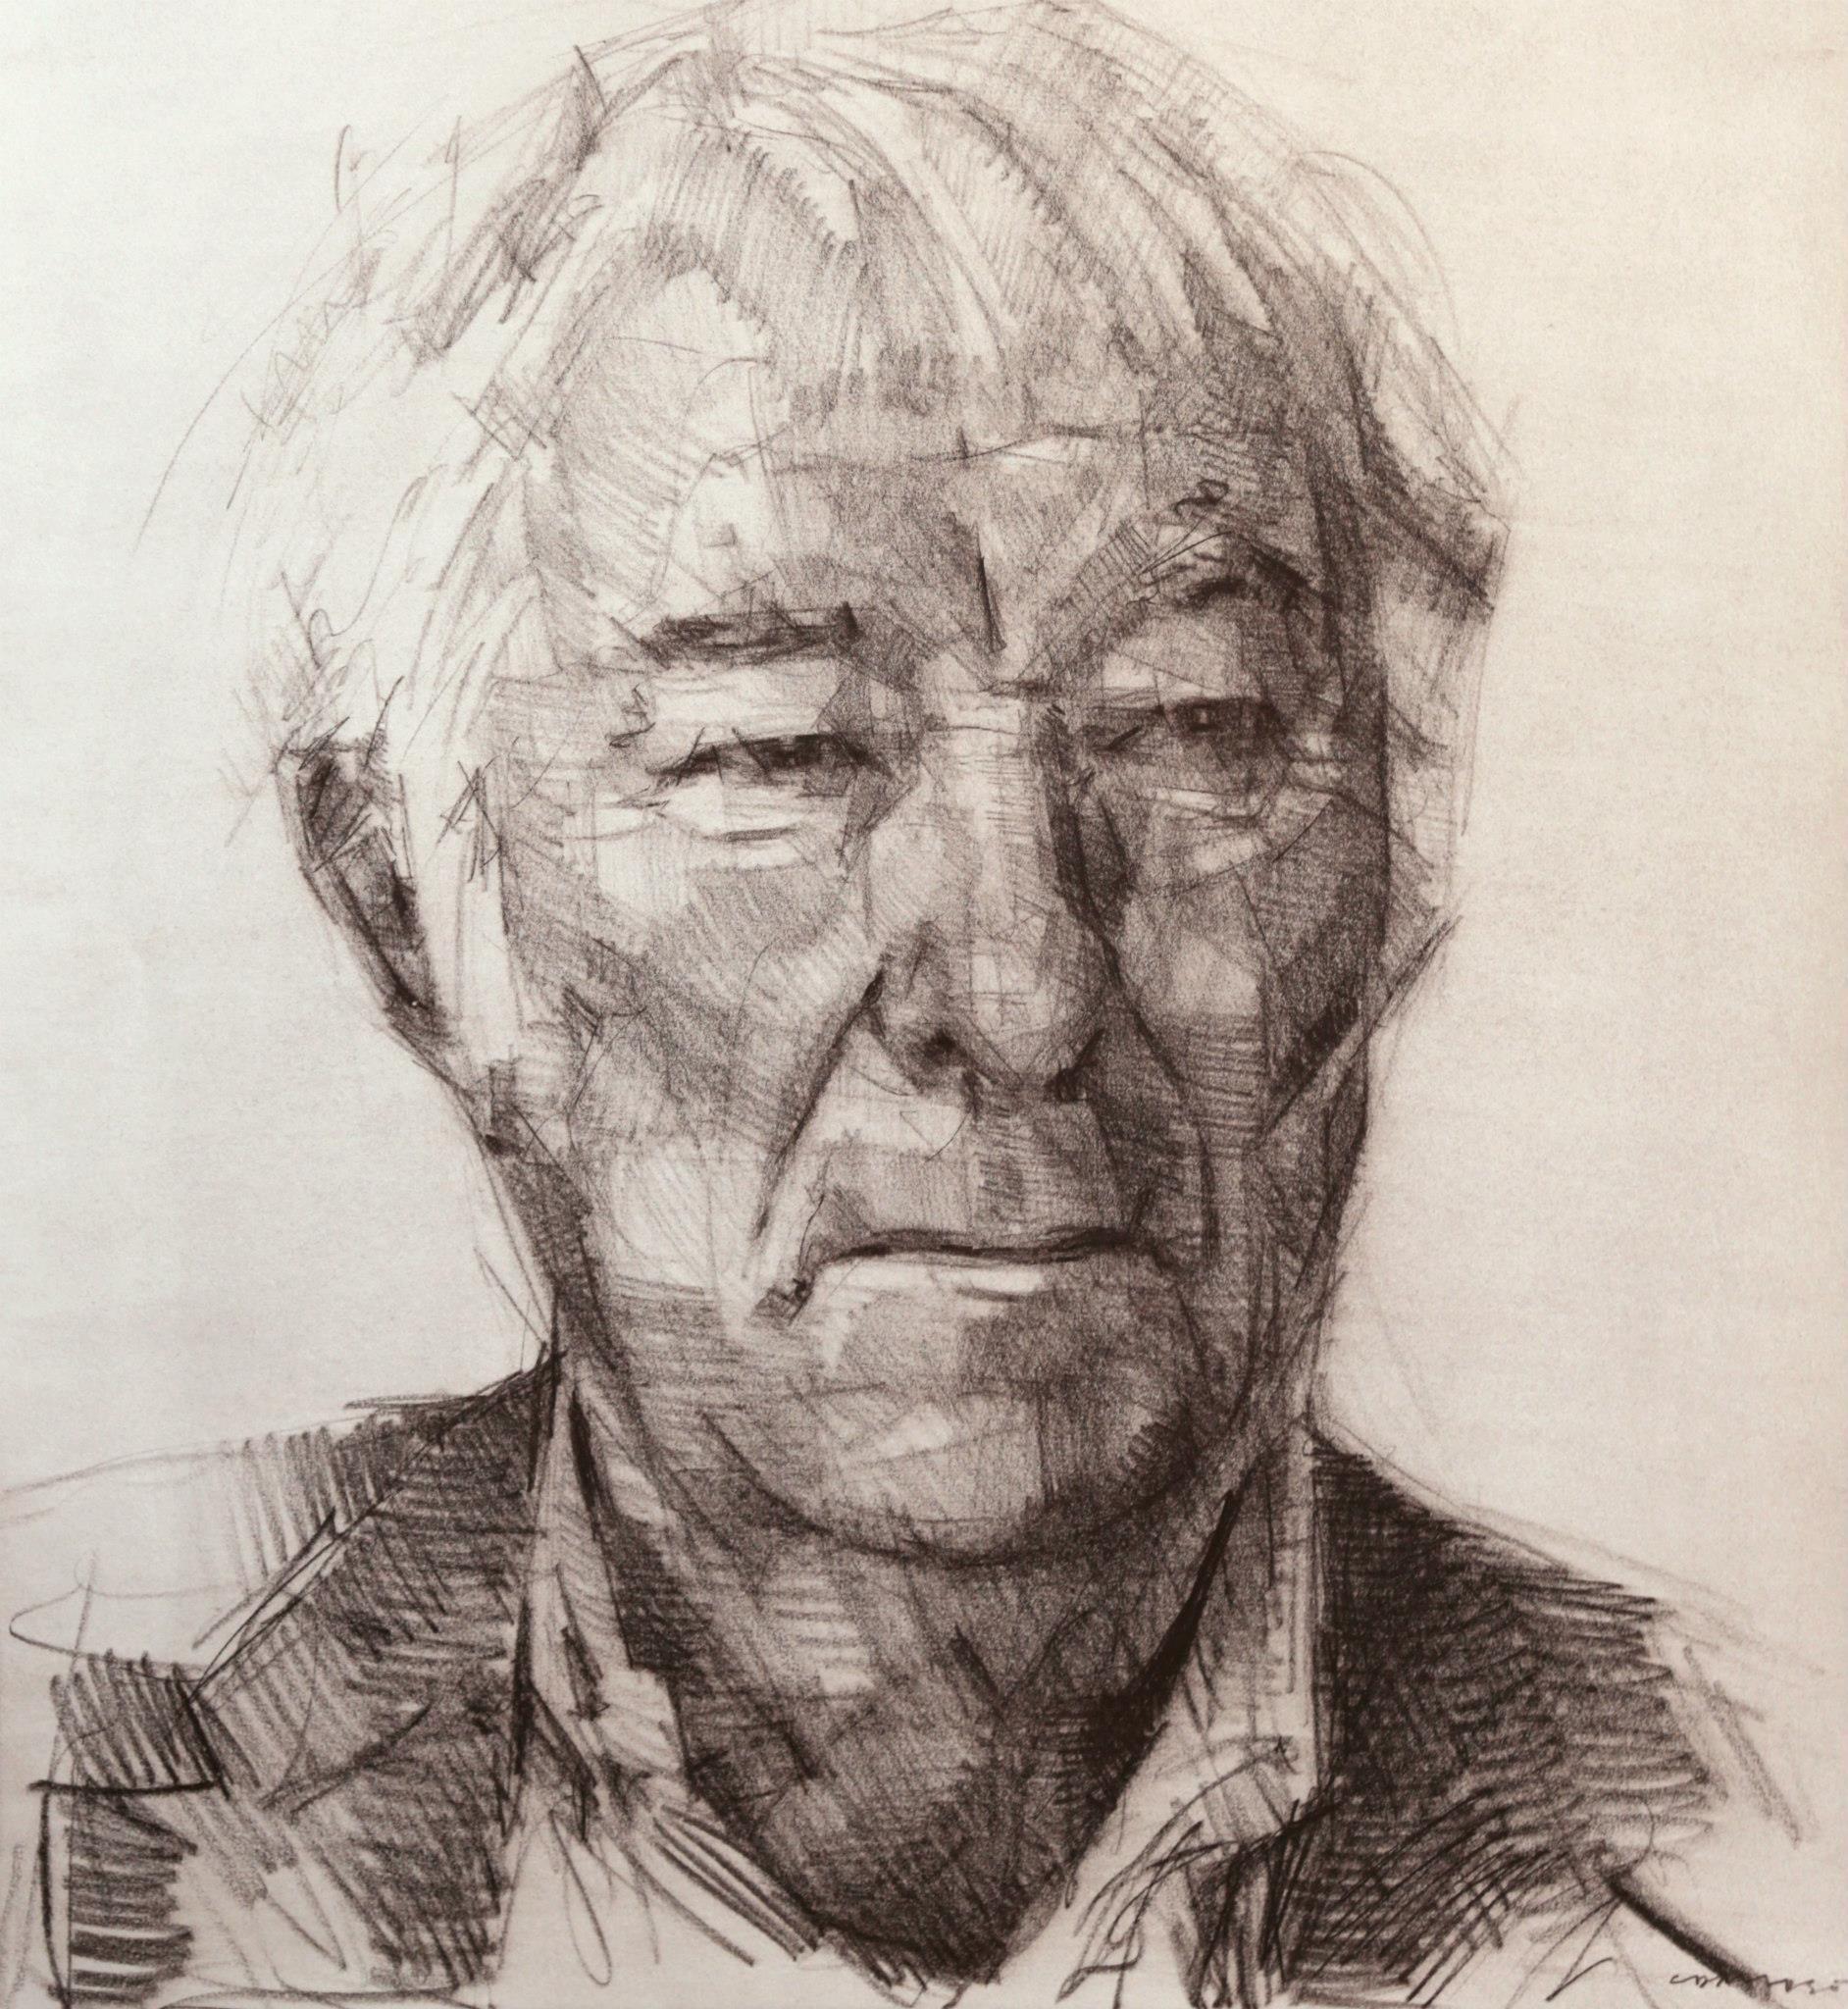 seamus heaney by Colin Davidson | Dibujos retratos, Retratos y ...